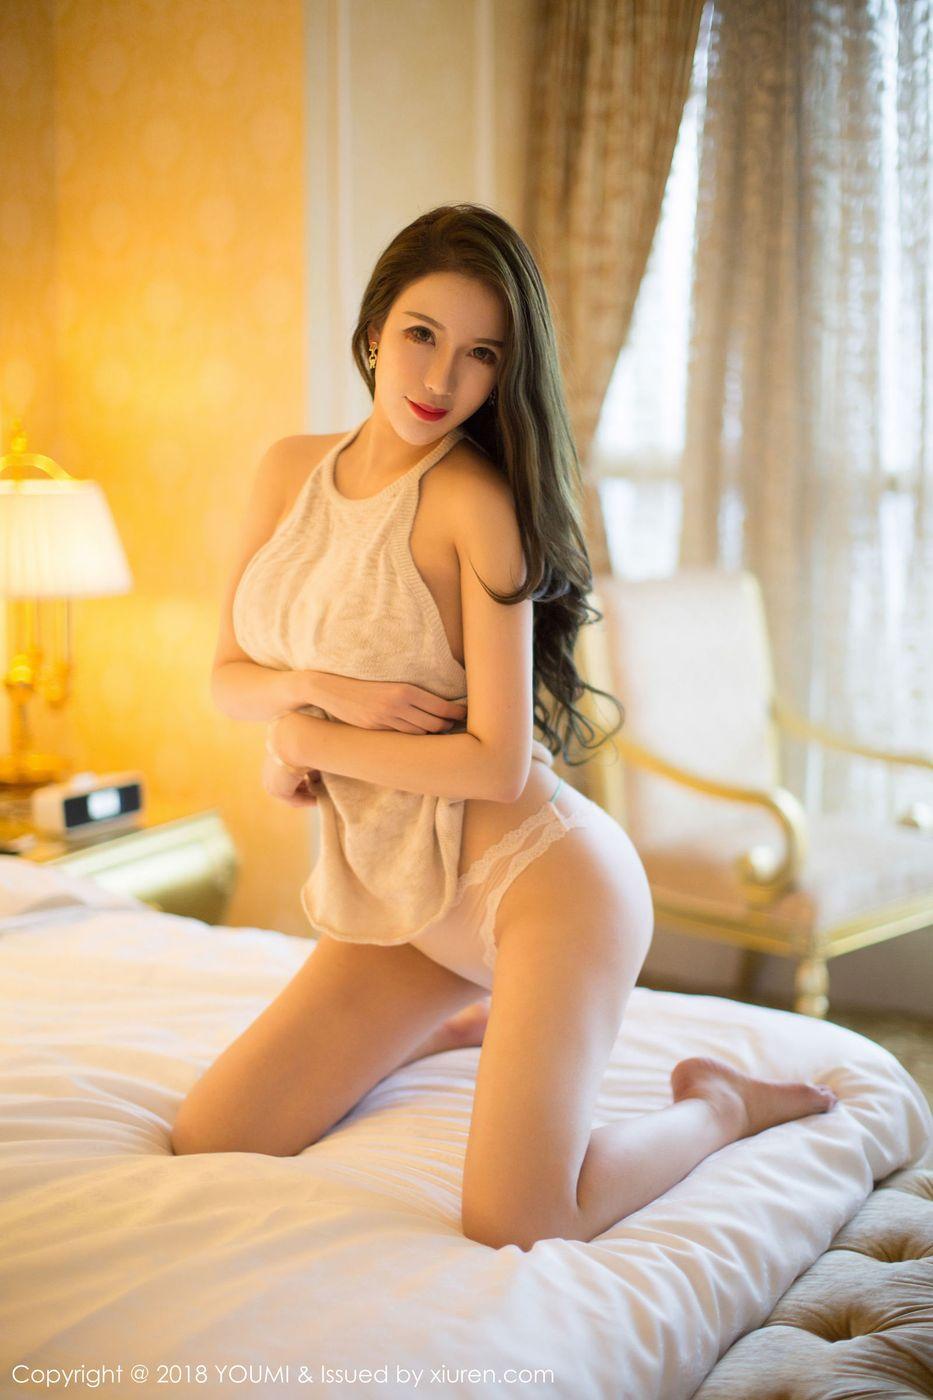 [YouMi尤蜜荟] 美女模特Egg_尤妮丝巨乳美臀全新超性感写真 Vol.187